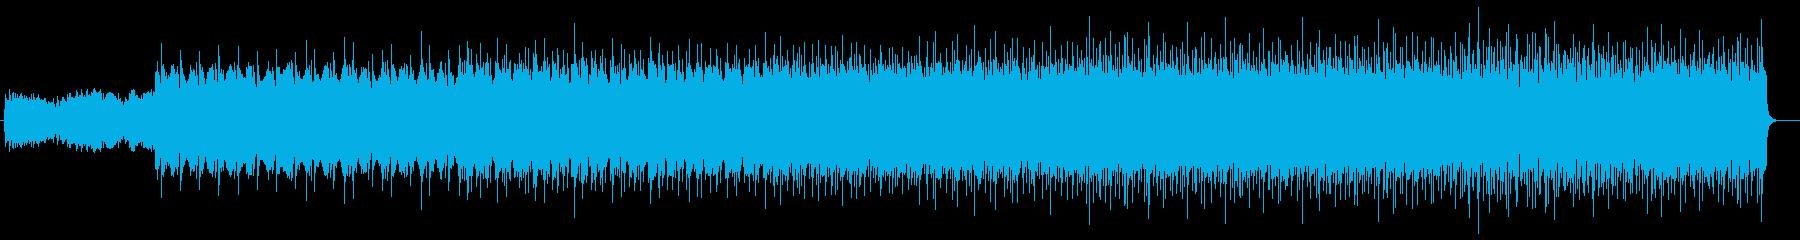 シリアス感のあるシンセサイザーサウンドの再生済みの波形